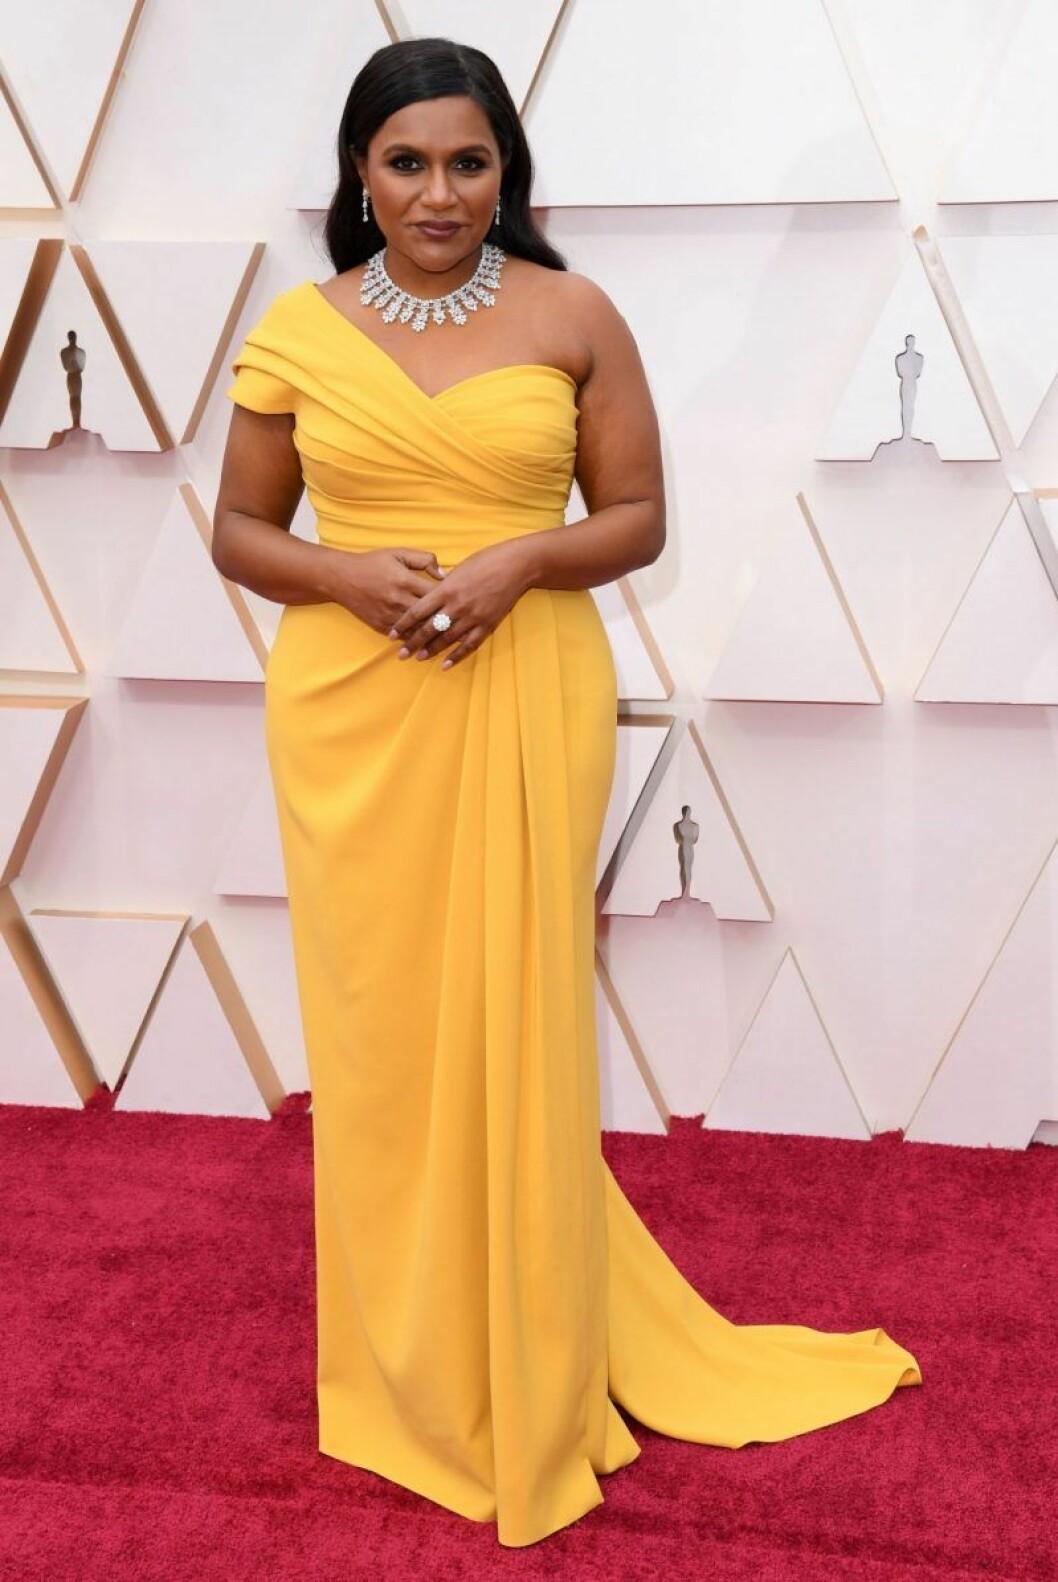 Mindy Kaling i gul klänning på röda mattan